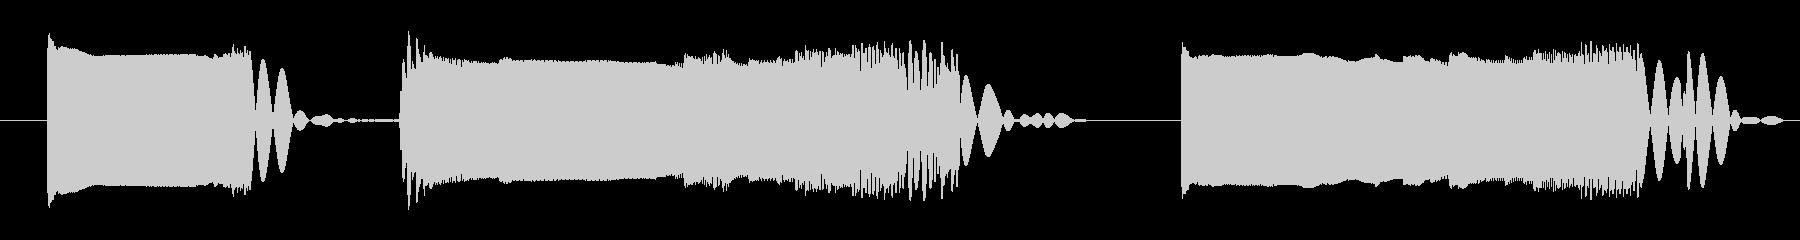 ビープ信号干渉2の未再生の波形